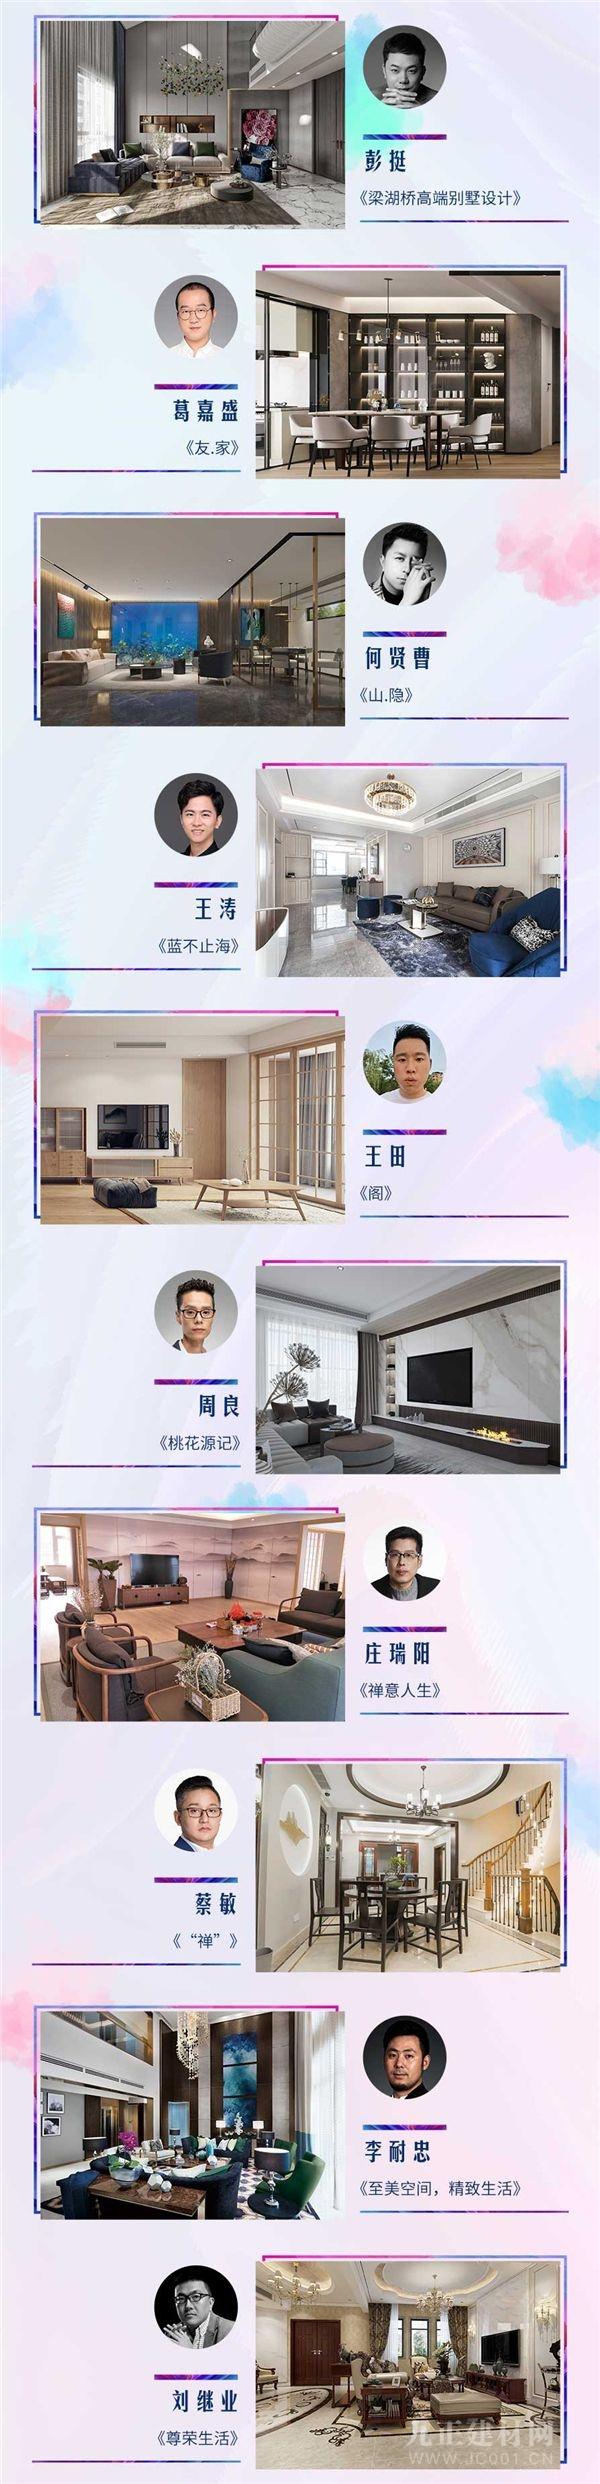 中国设计新青年 | 西南和华东地区的青年设计师们看这里!,昆明军海抗癫网